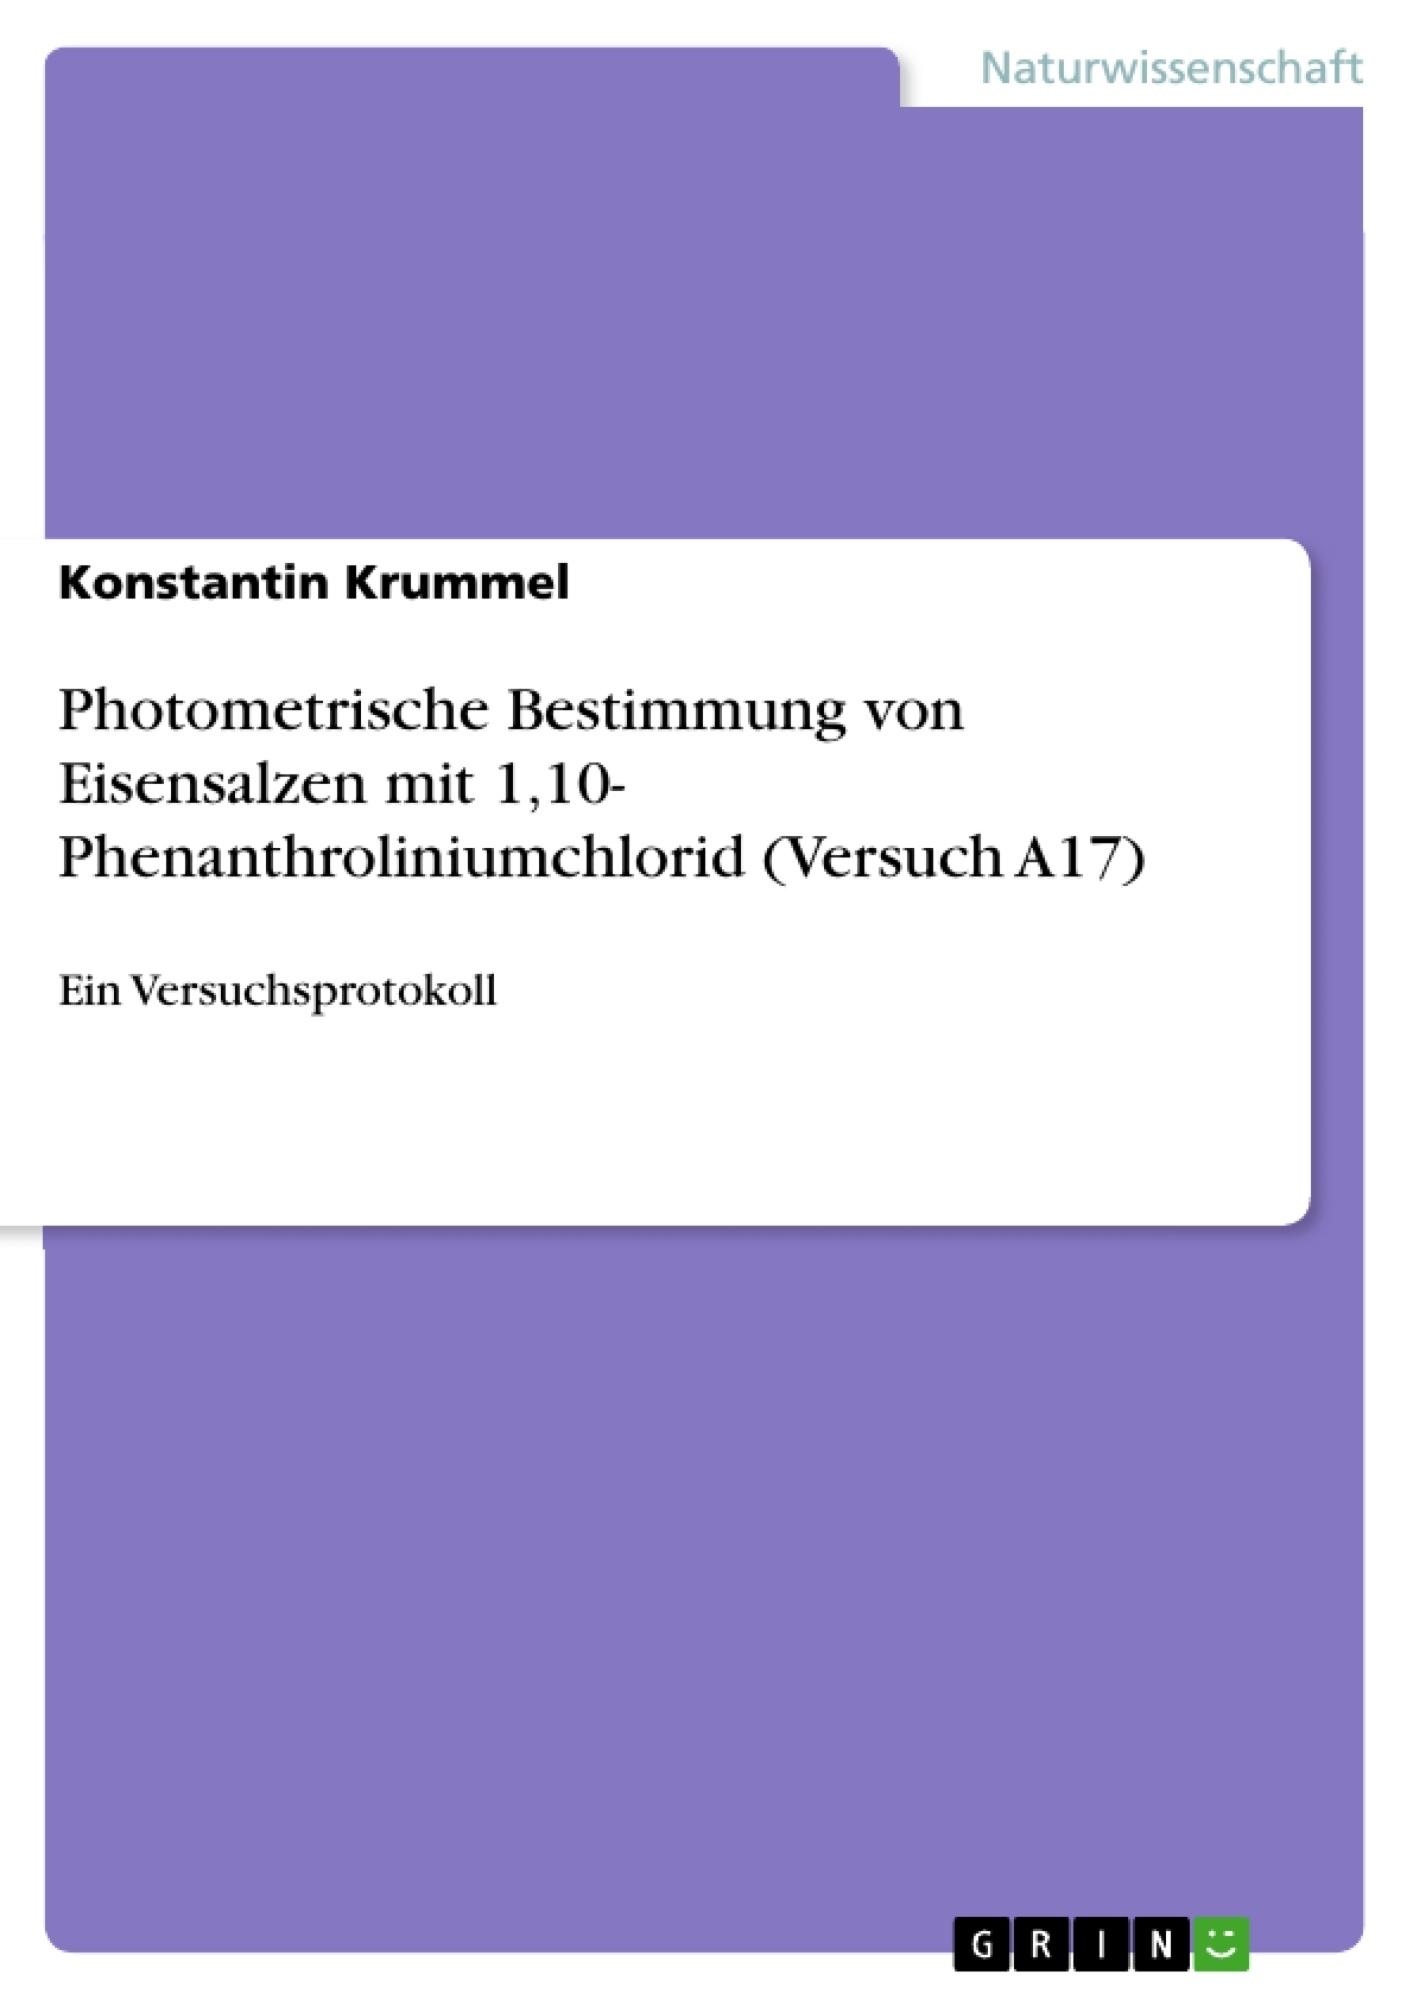 Titel: Photometrische Bestimmung von Eisensalzen mit 1,10- Phenanthroliniumchlorid (Versuch A17)